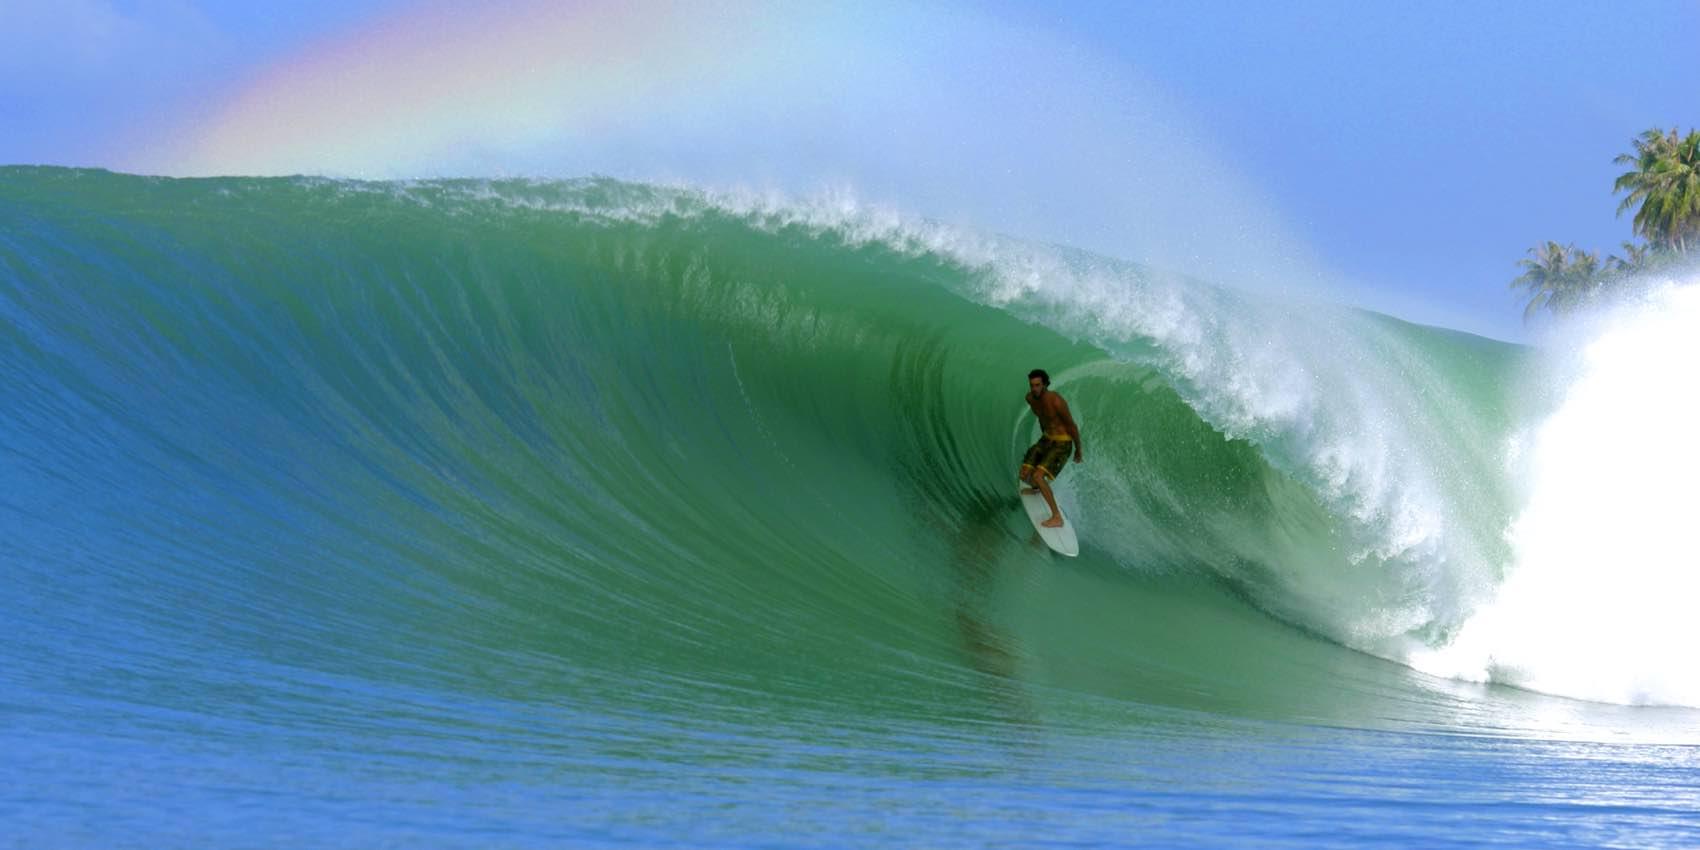 Kysten ved Dakar har perfekte forhold for surfing